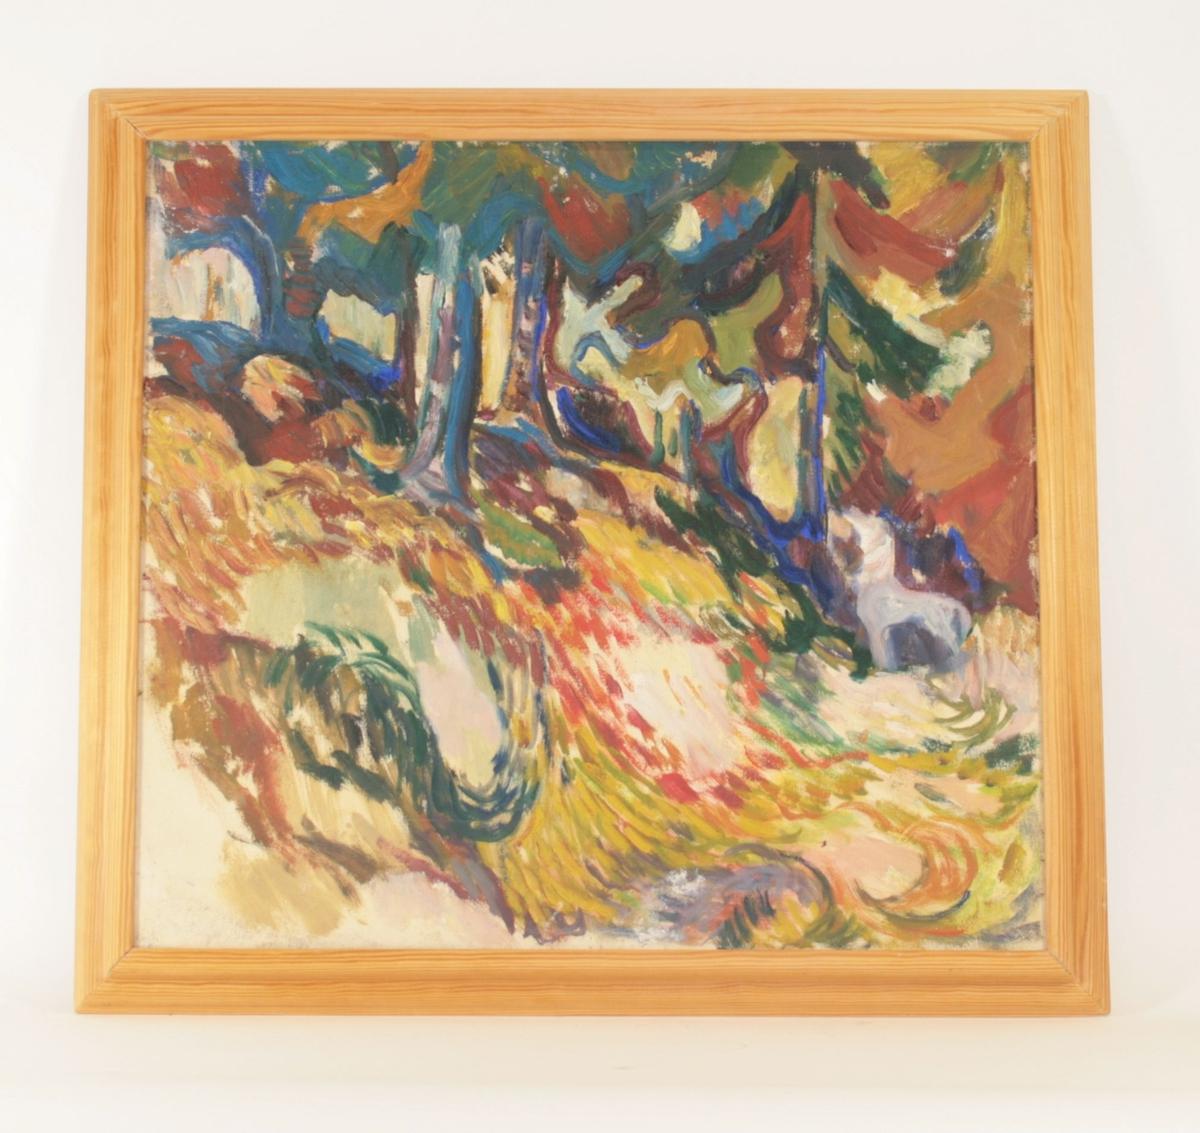 Motivet viser en skråning i et skogsmiljø, hvor man ser fire trestammer til venstre over skråningen, og ett tre lenger inne i bildet. Formen av et dyr antydes i grått nedenfor treet til høyre. Markerte penselstrøk og fokus på kontrasterende fargebruk.